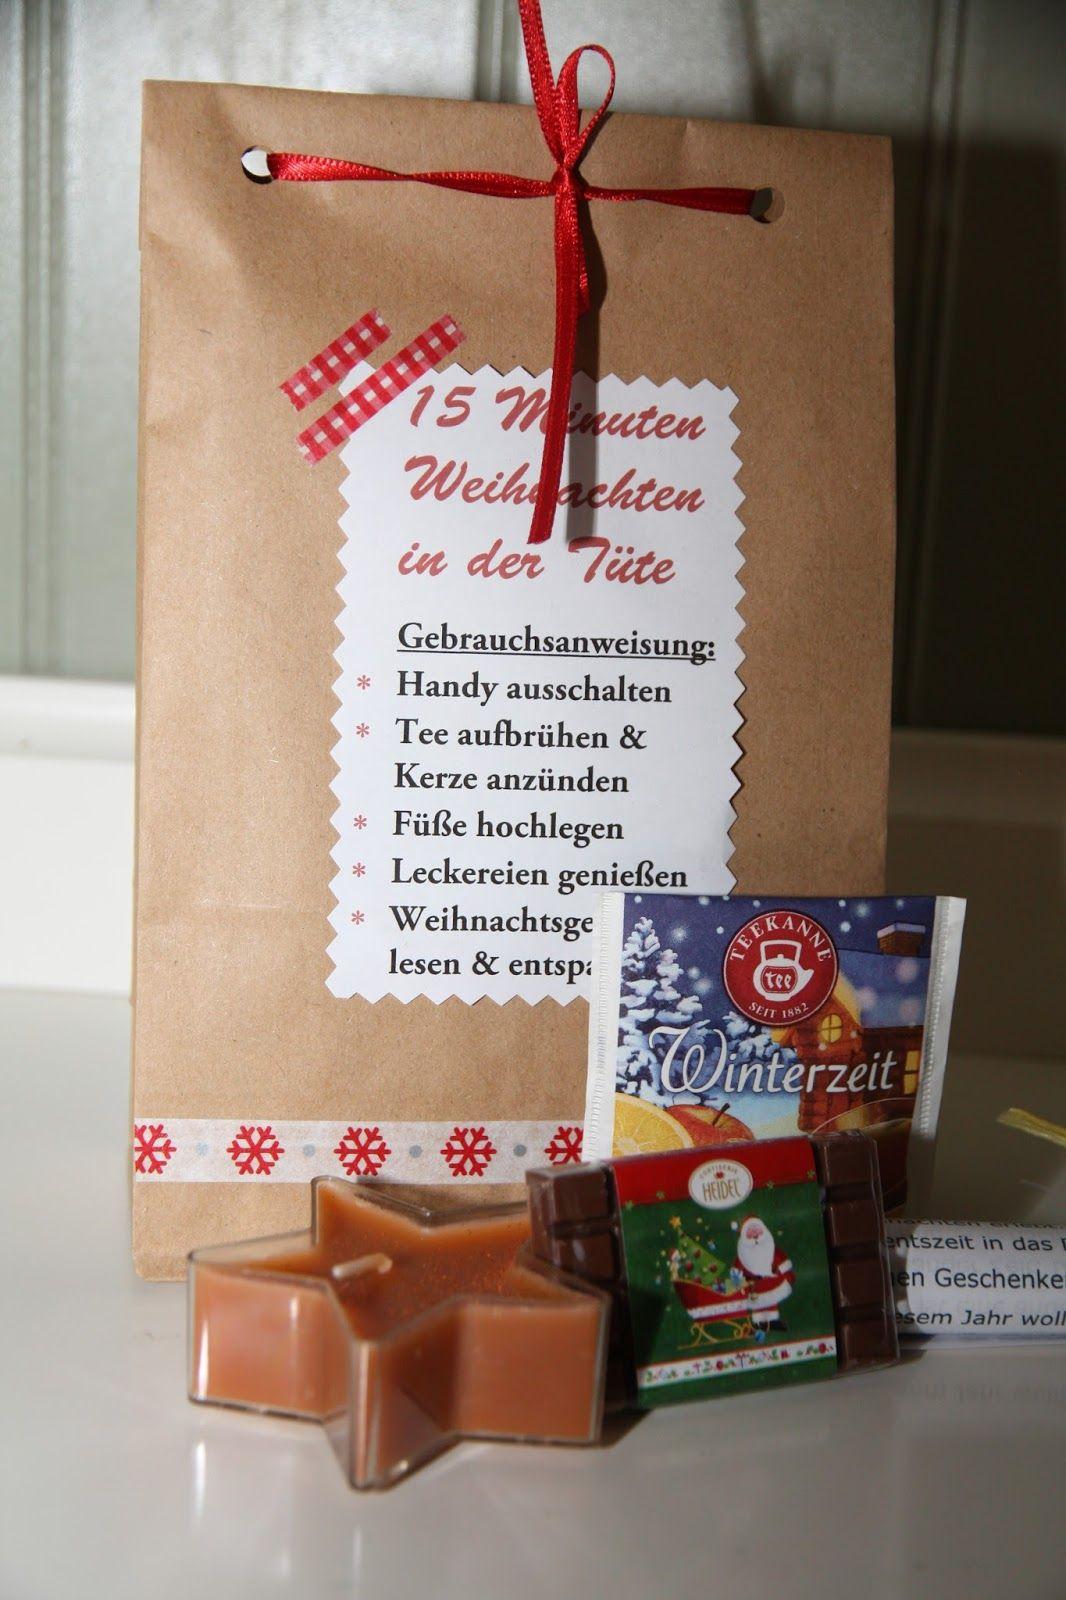 Pin von Beate Walk auf Weihnachten | Pinterest | Weihnachten, 15 ...